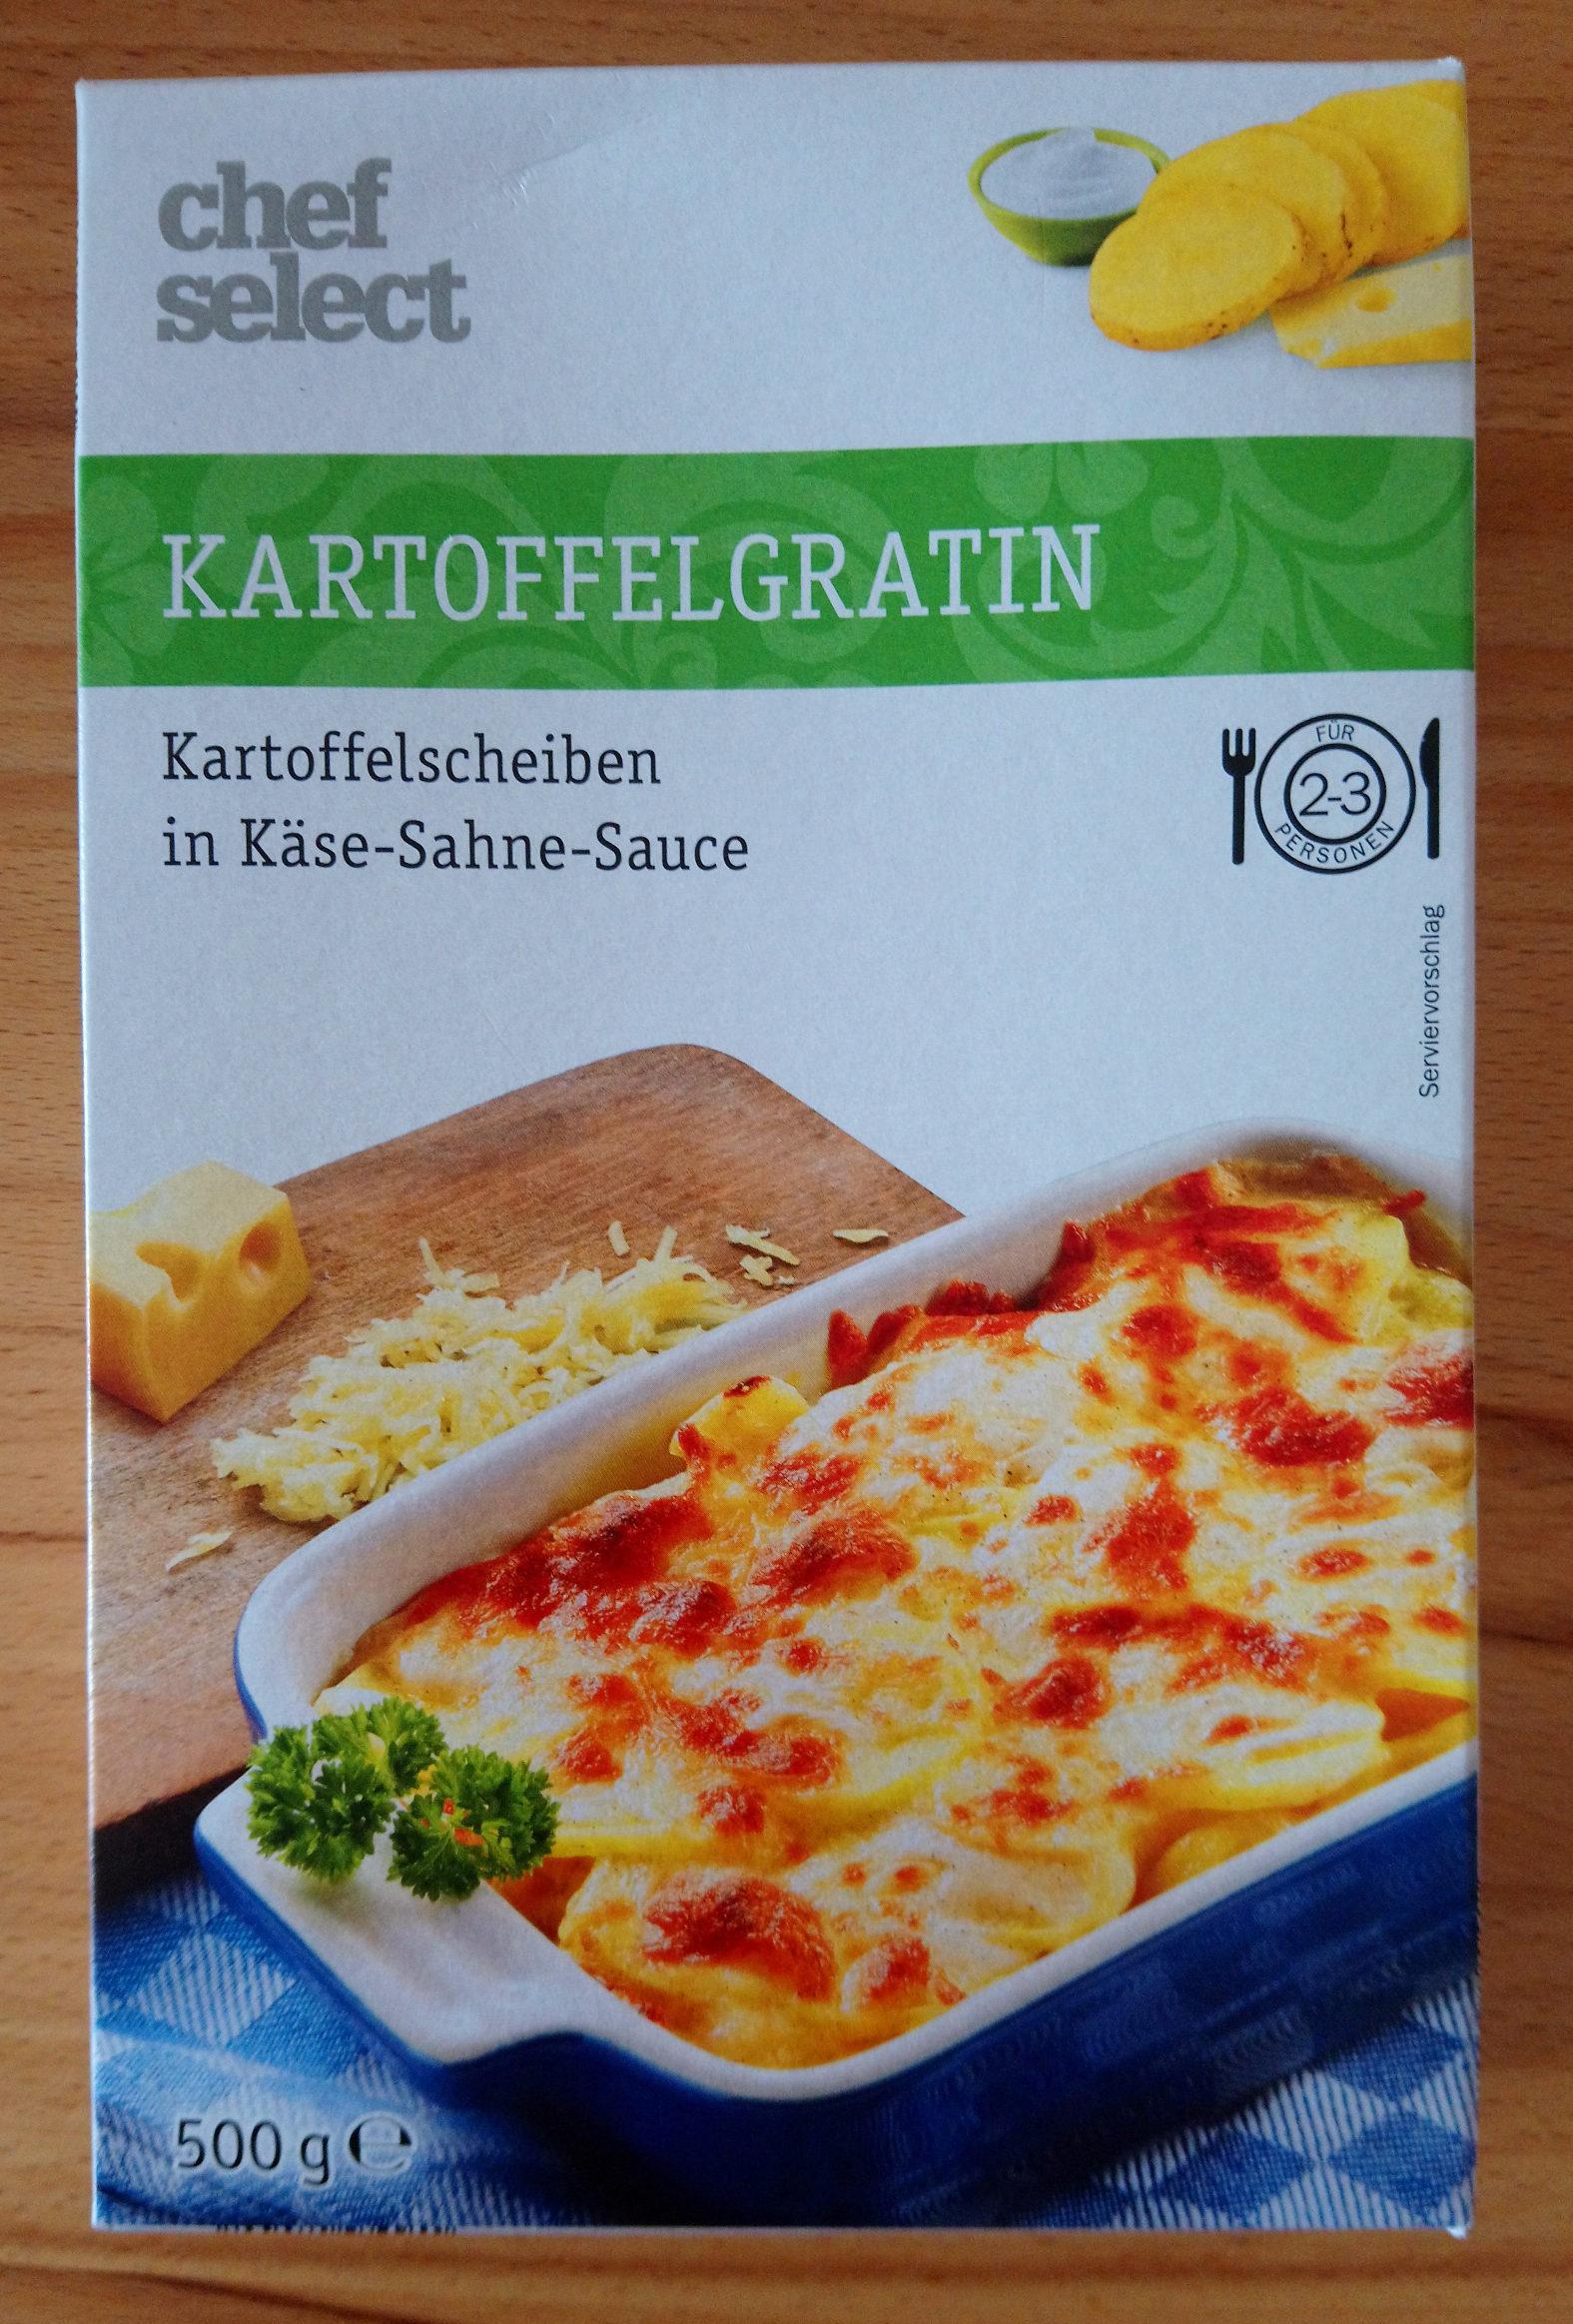 Kartoffel Gratin, Kartoffelscheiben in Käse Sahne ... - Product